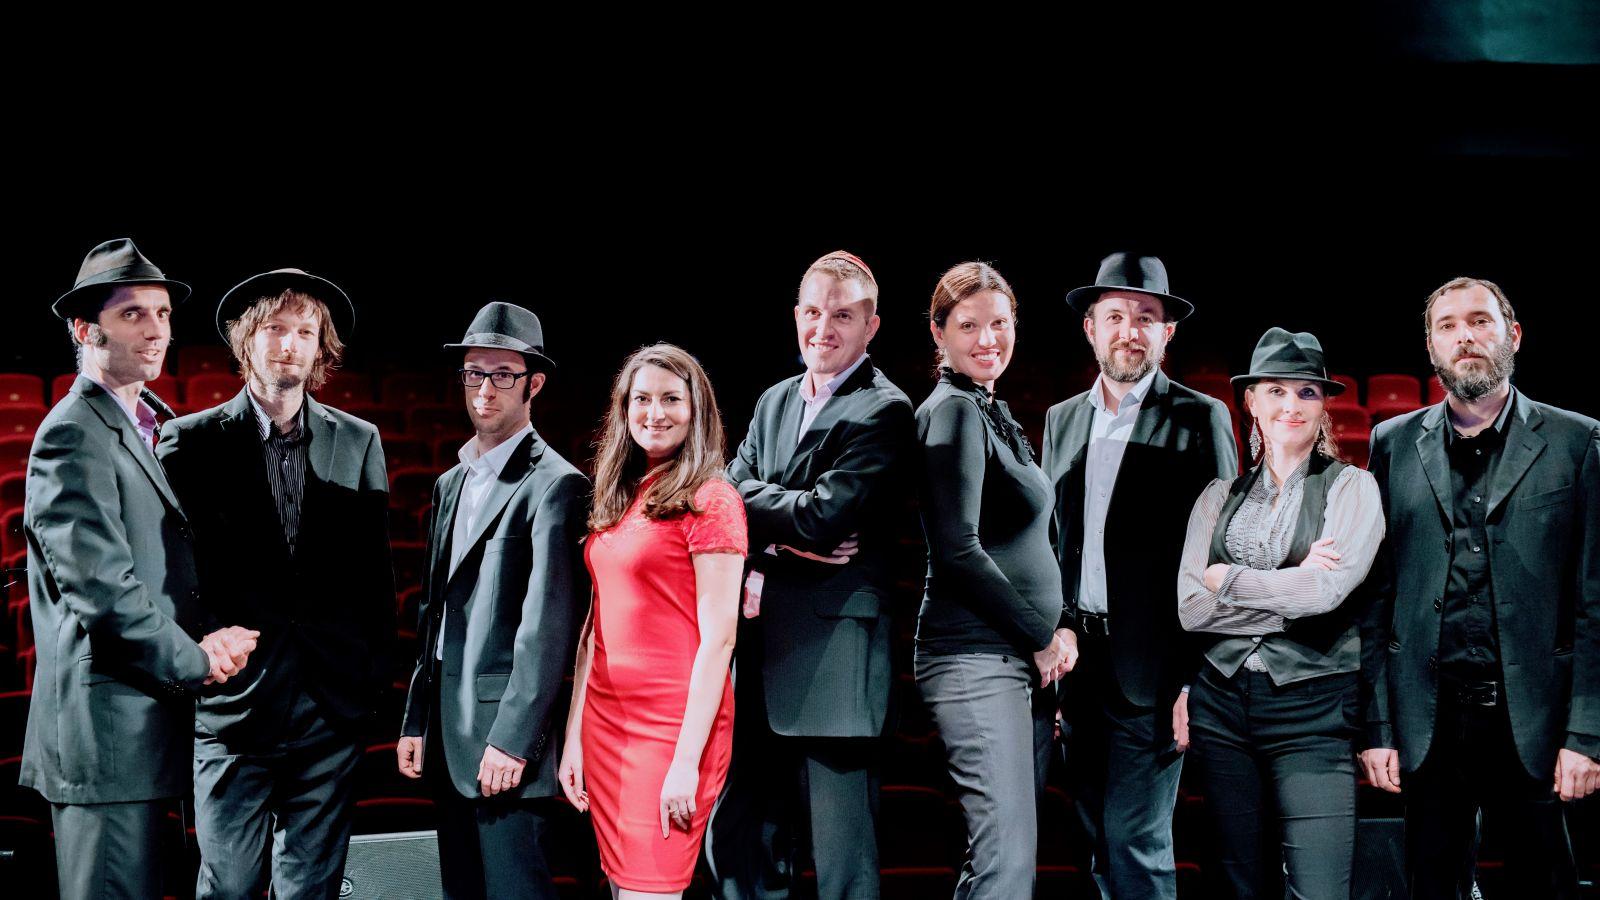 Preßburger Klezmer Band predstavujú legendárne Čerešne v príbehu Dalmy Špitzerovej